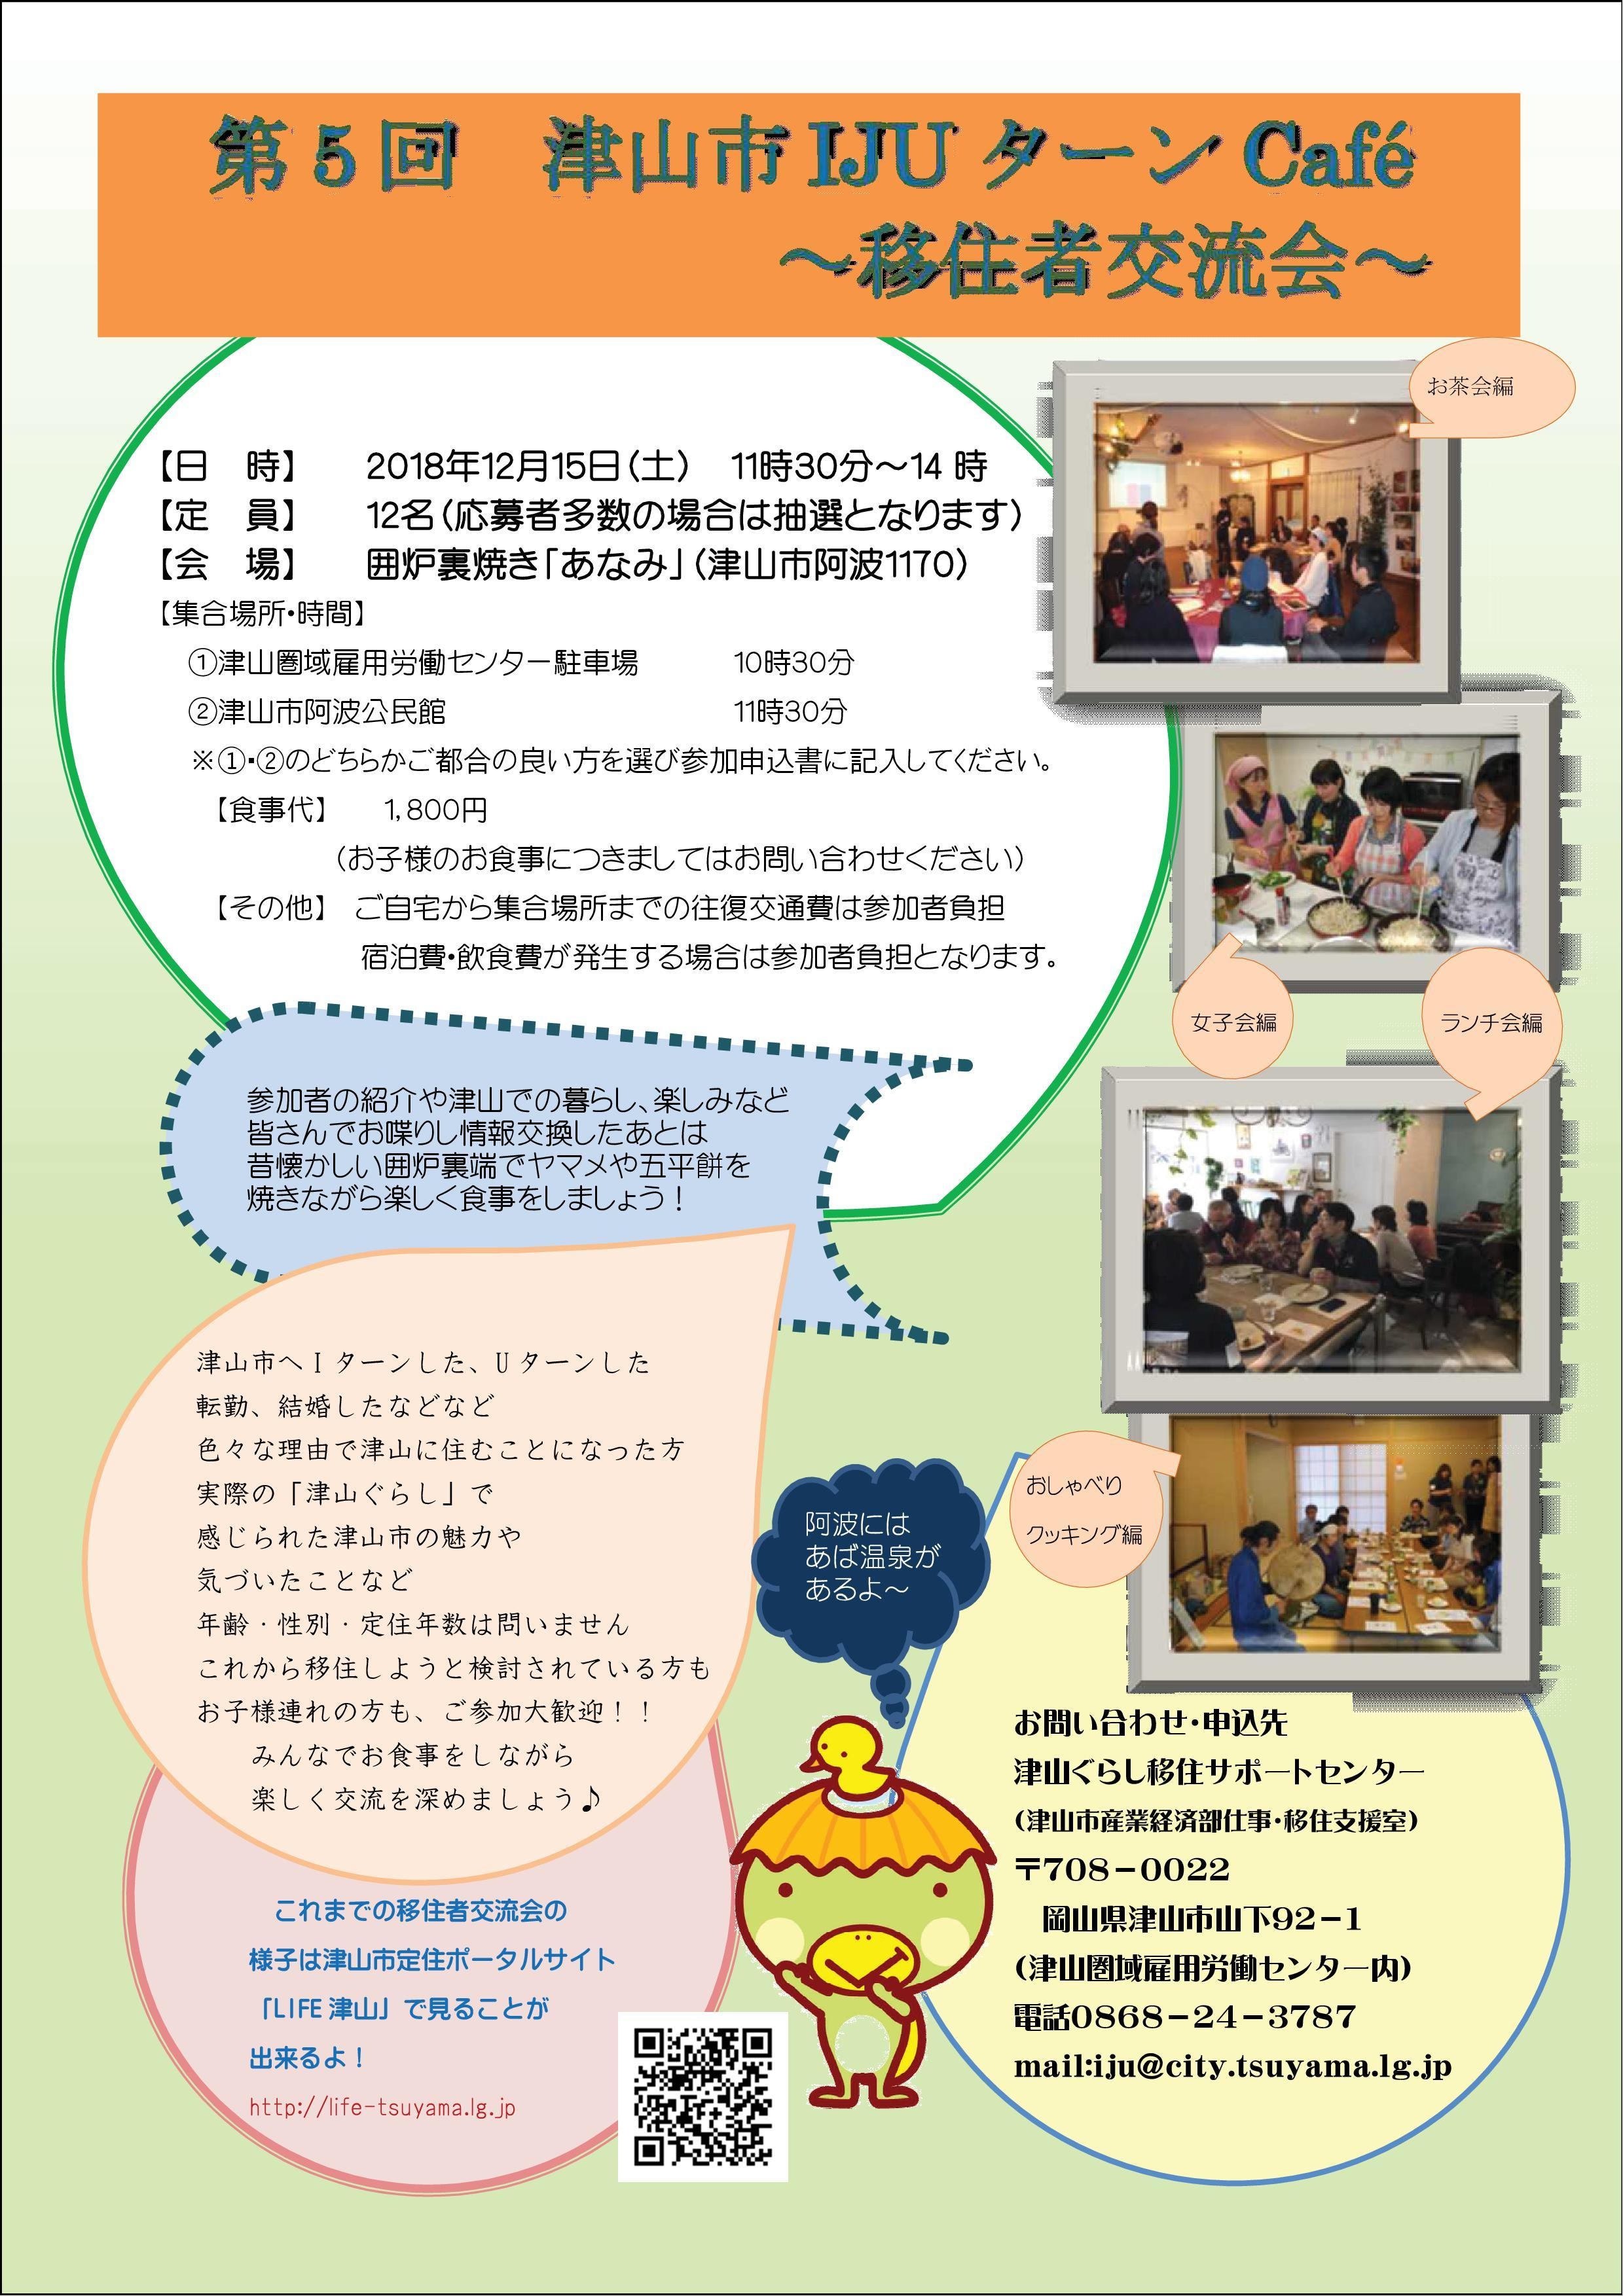 2018年12月15日(土)開催 第5回 津山市IJUターンCafé~移住者交流会~のお知らせ